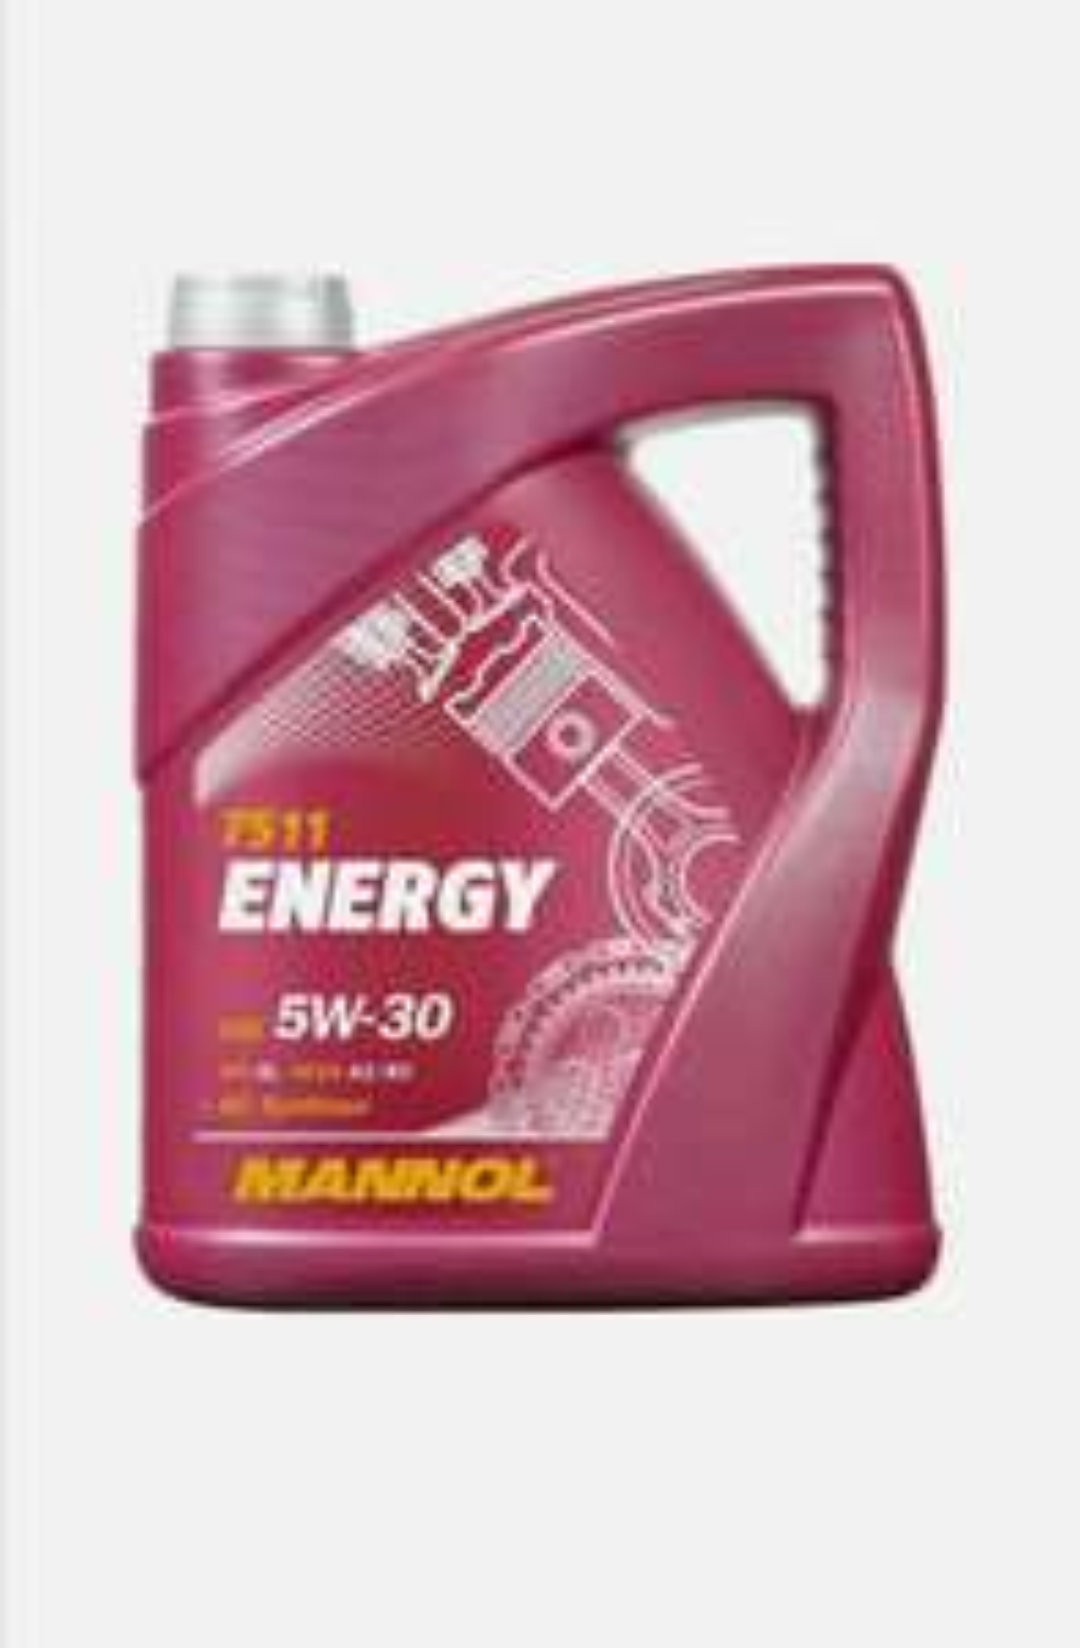 5L Mannol ENERGY 5w30 Fully Synthetic Engine Oil SL/CF ACEA A3/B3 WSS-M2C913-B £13.99 @ lubriagecarpartsaccessories eBay